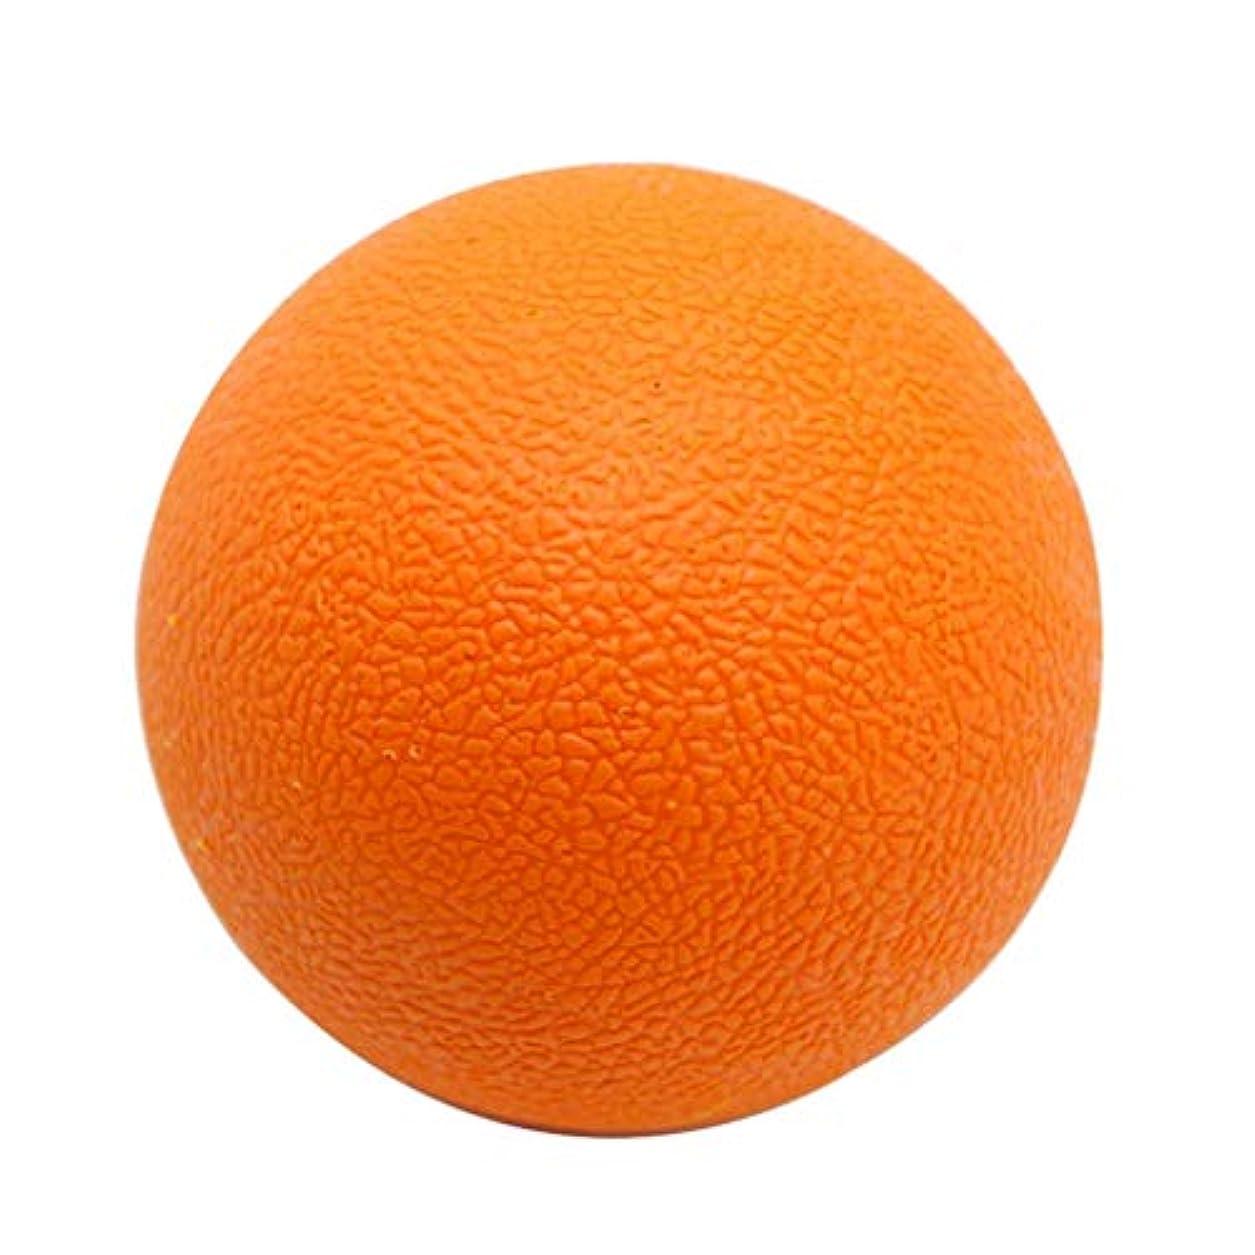 第二に志すむき出しマッサージボール TPE トリガーポイント 筋膜リリース ツボ押しグッズ 足、腕、首、背中 オレンジ